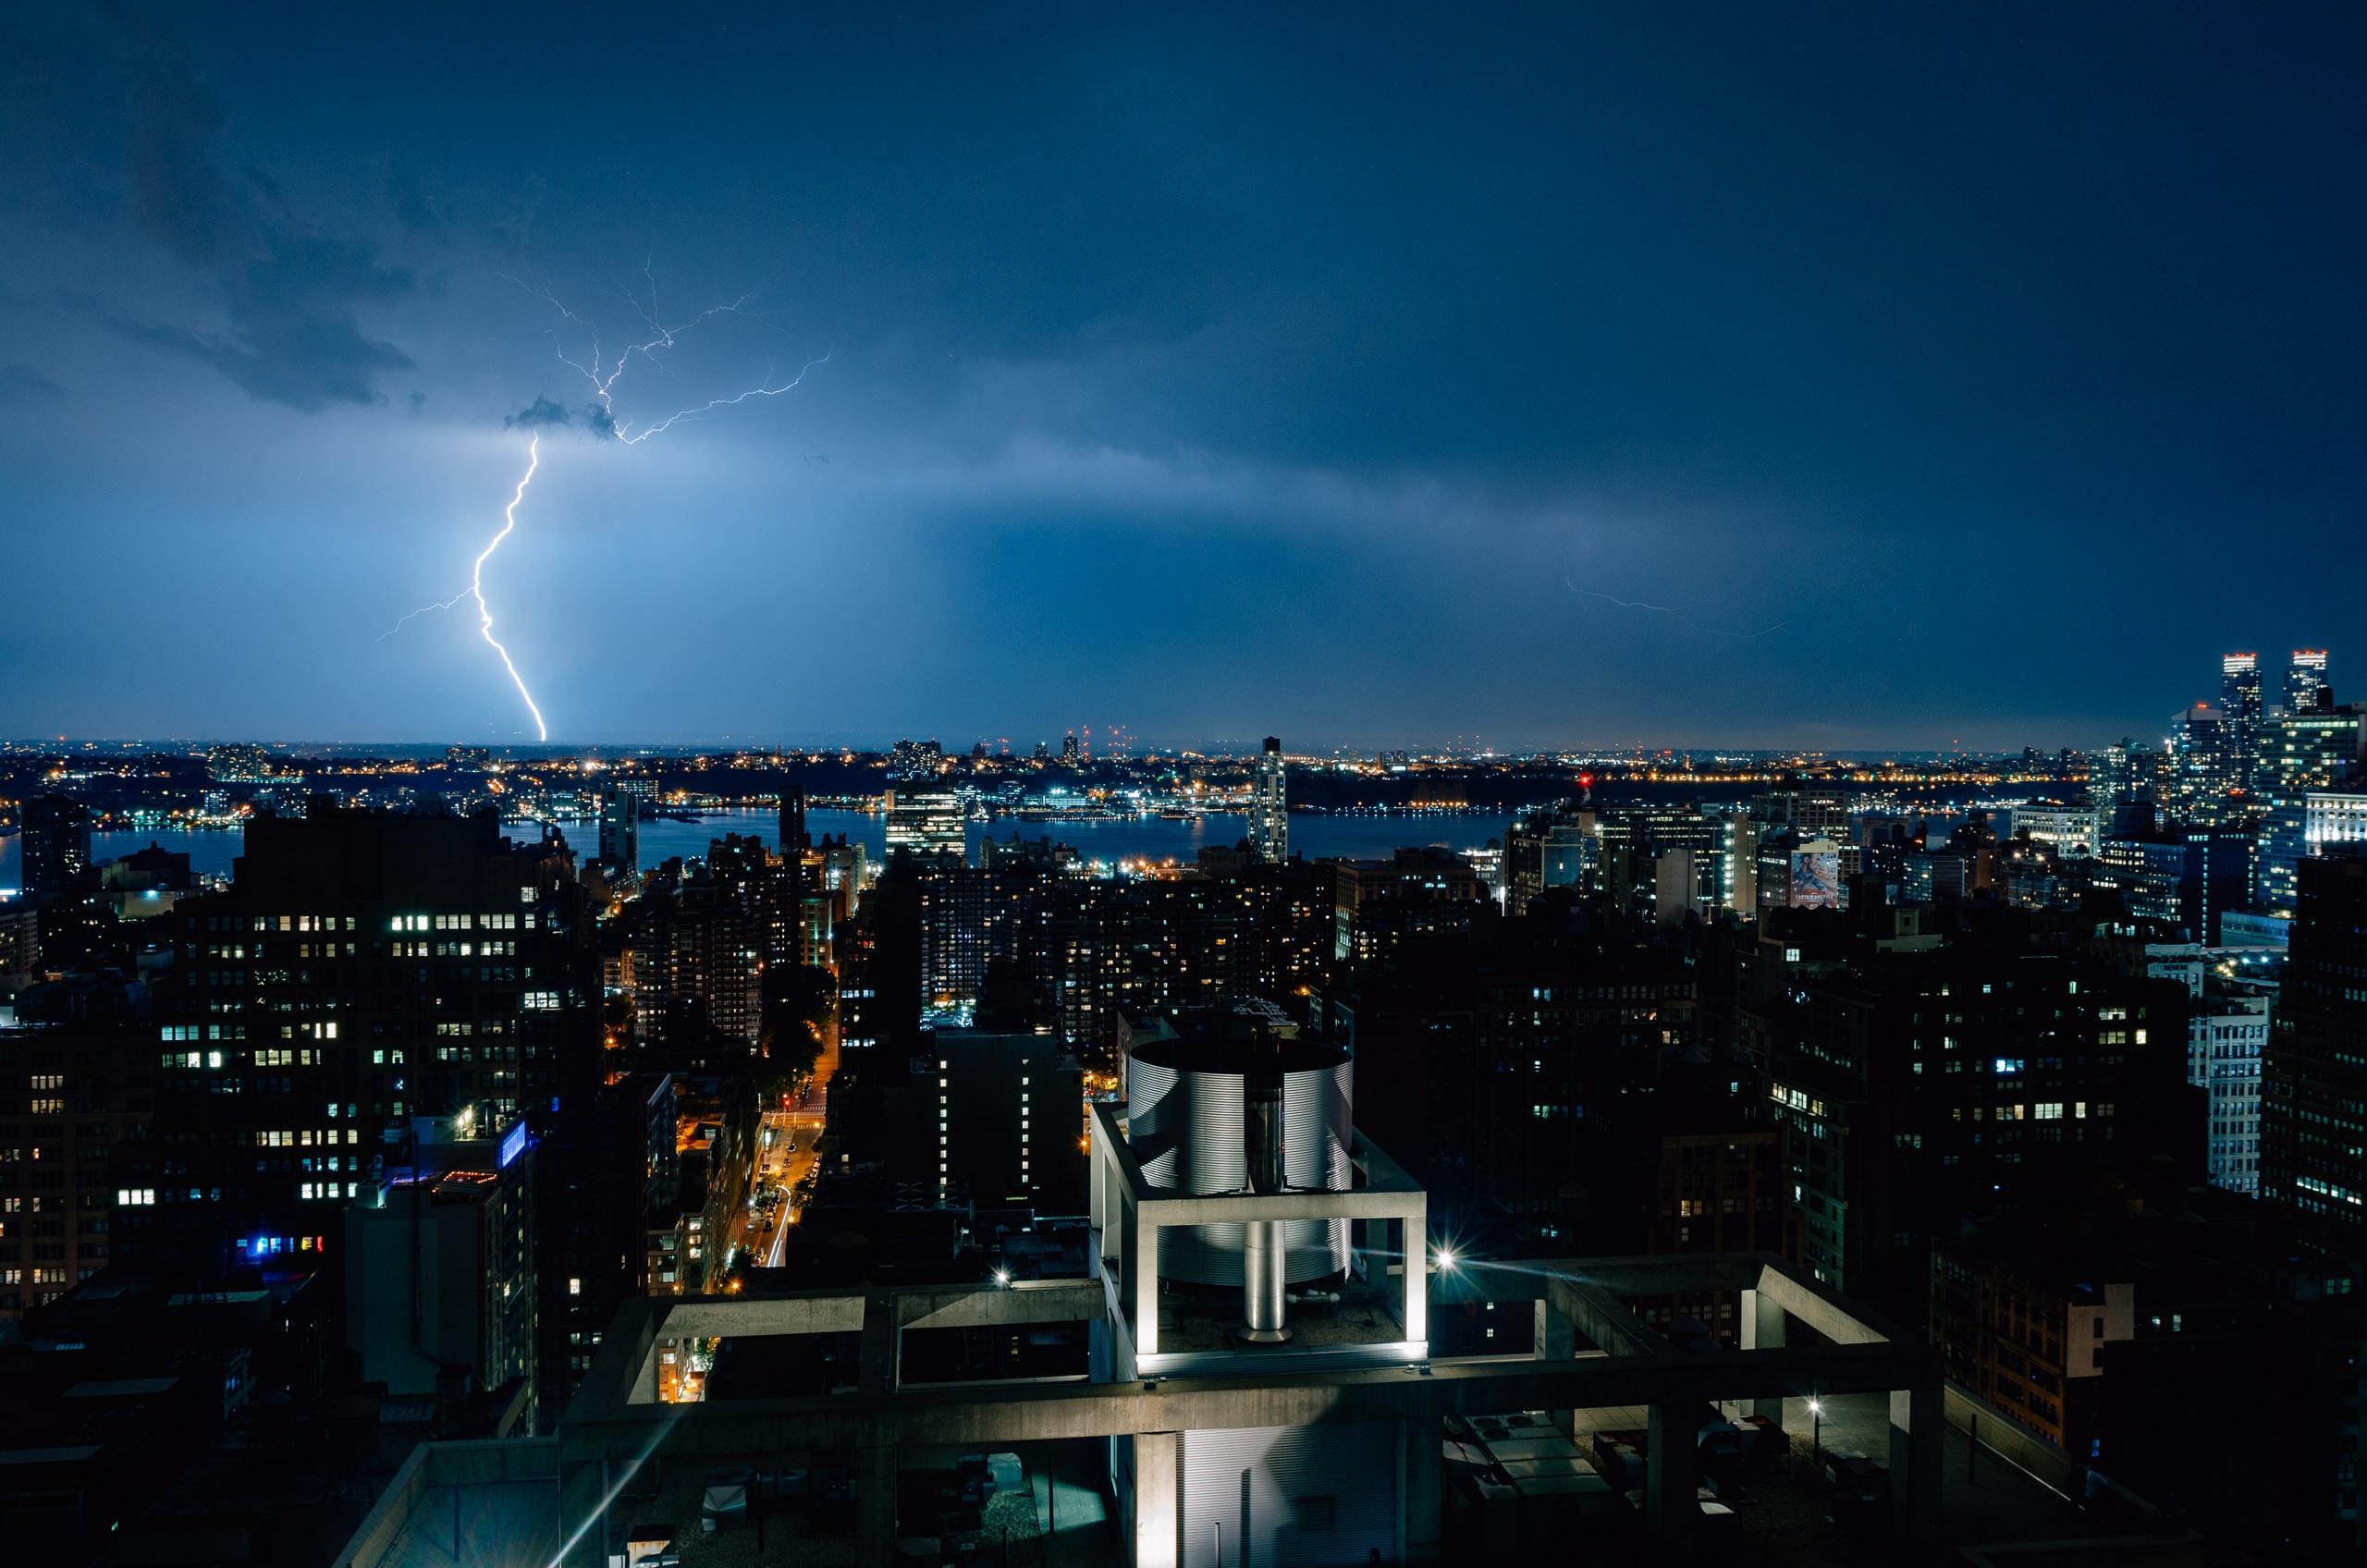 Lightning over New York City - 2011-0818-KPK_0256